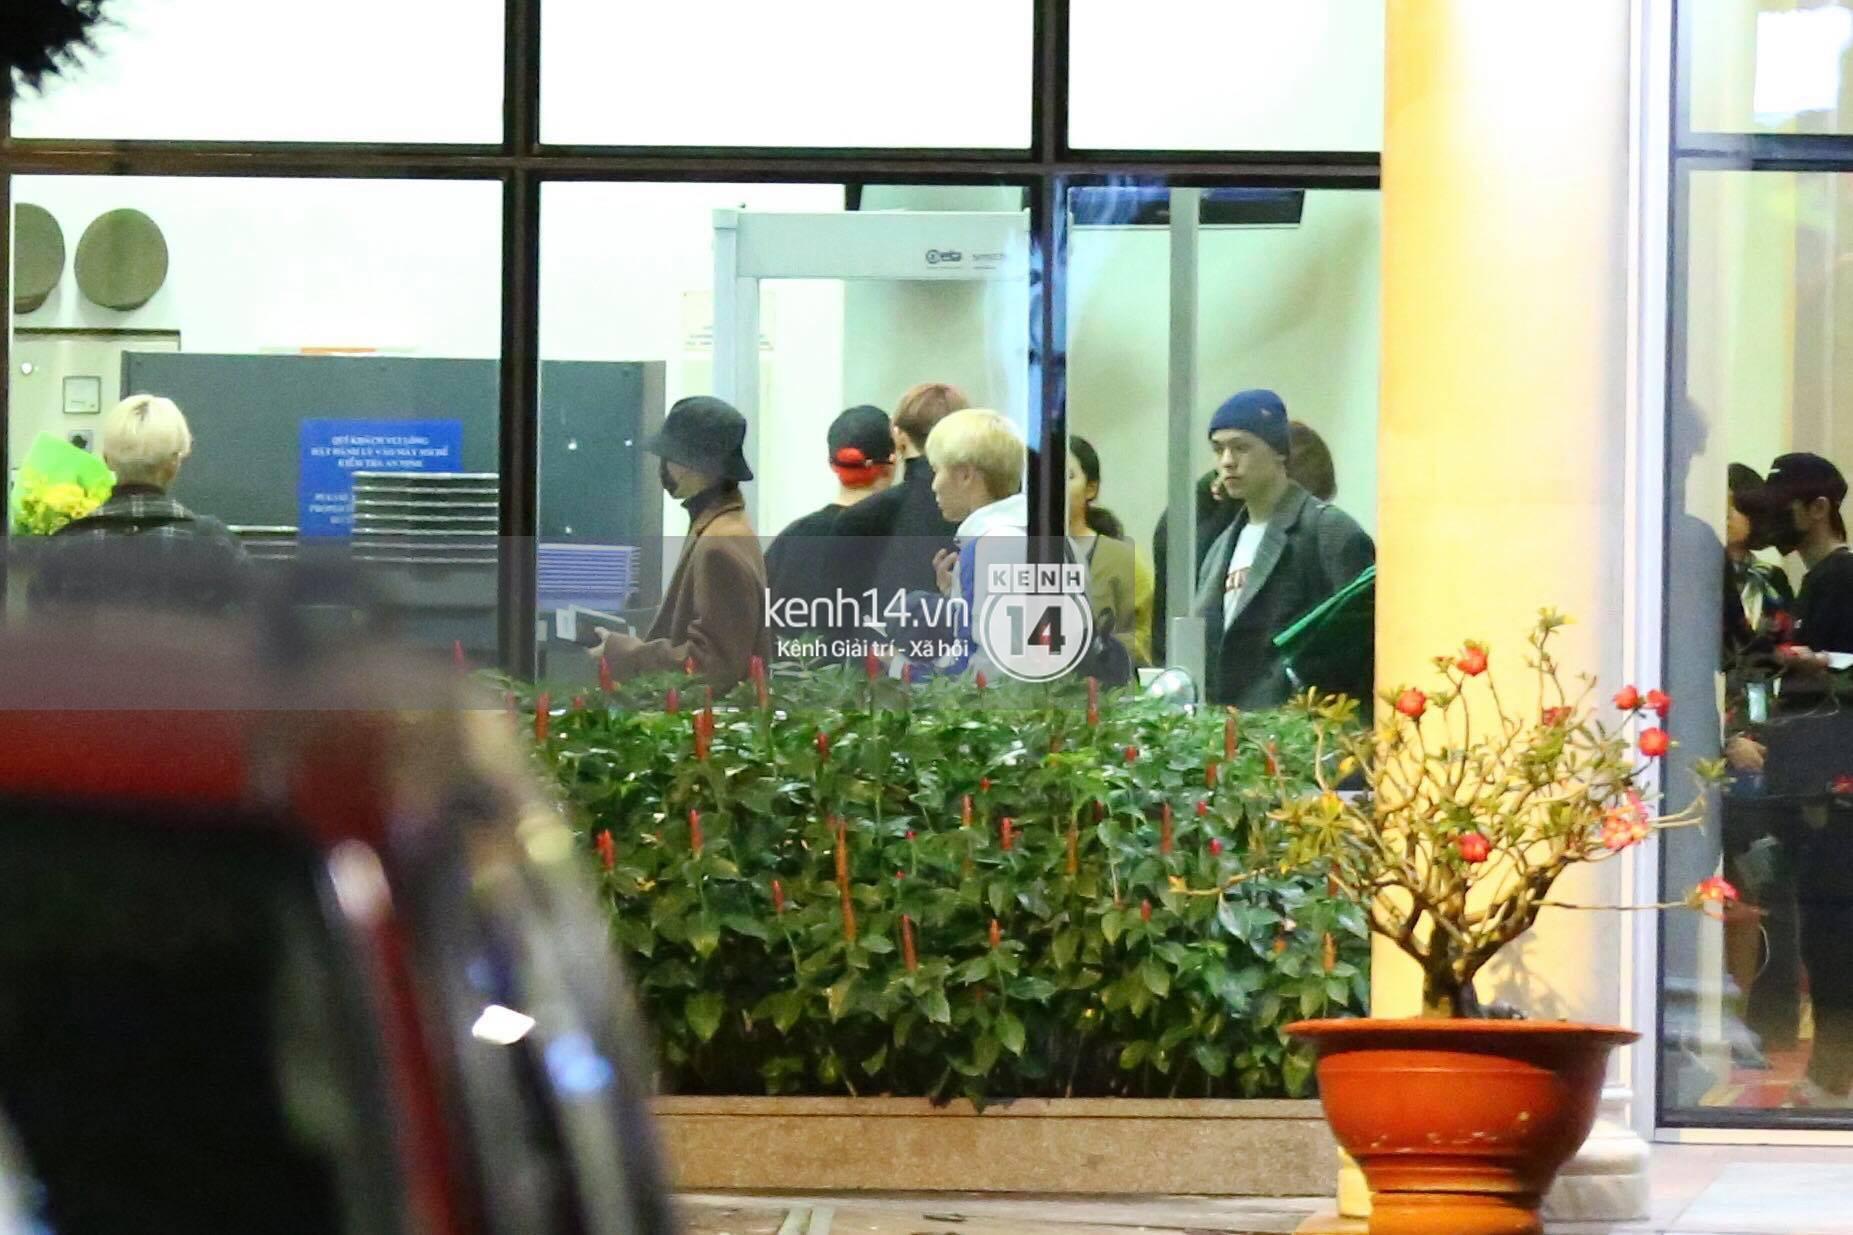 Hình ảnh đối lập: Kết thúc MAMA, Samuel khí thế vẫy tay chào fan Việt, Wanna One ngủ say mặc kệ người hâm mộ - Ảnh 17.